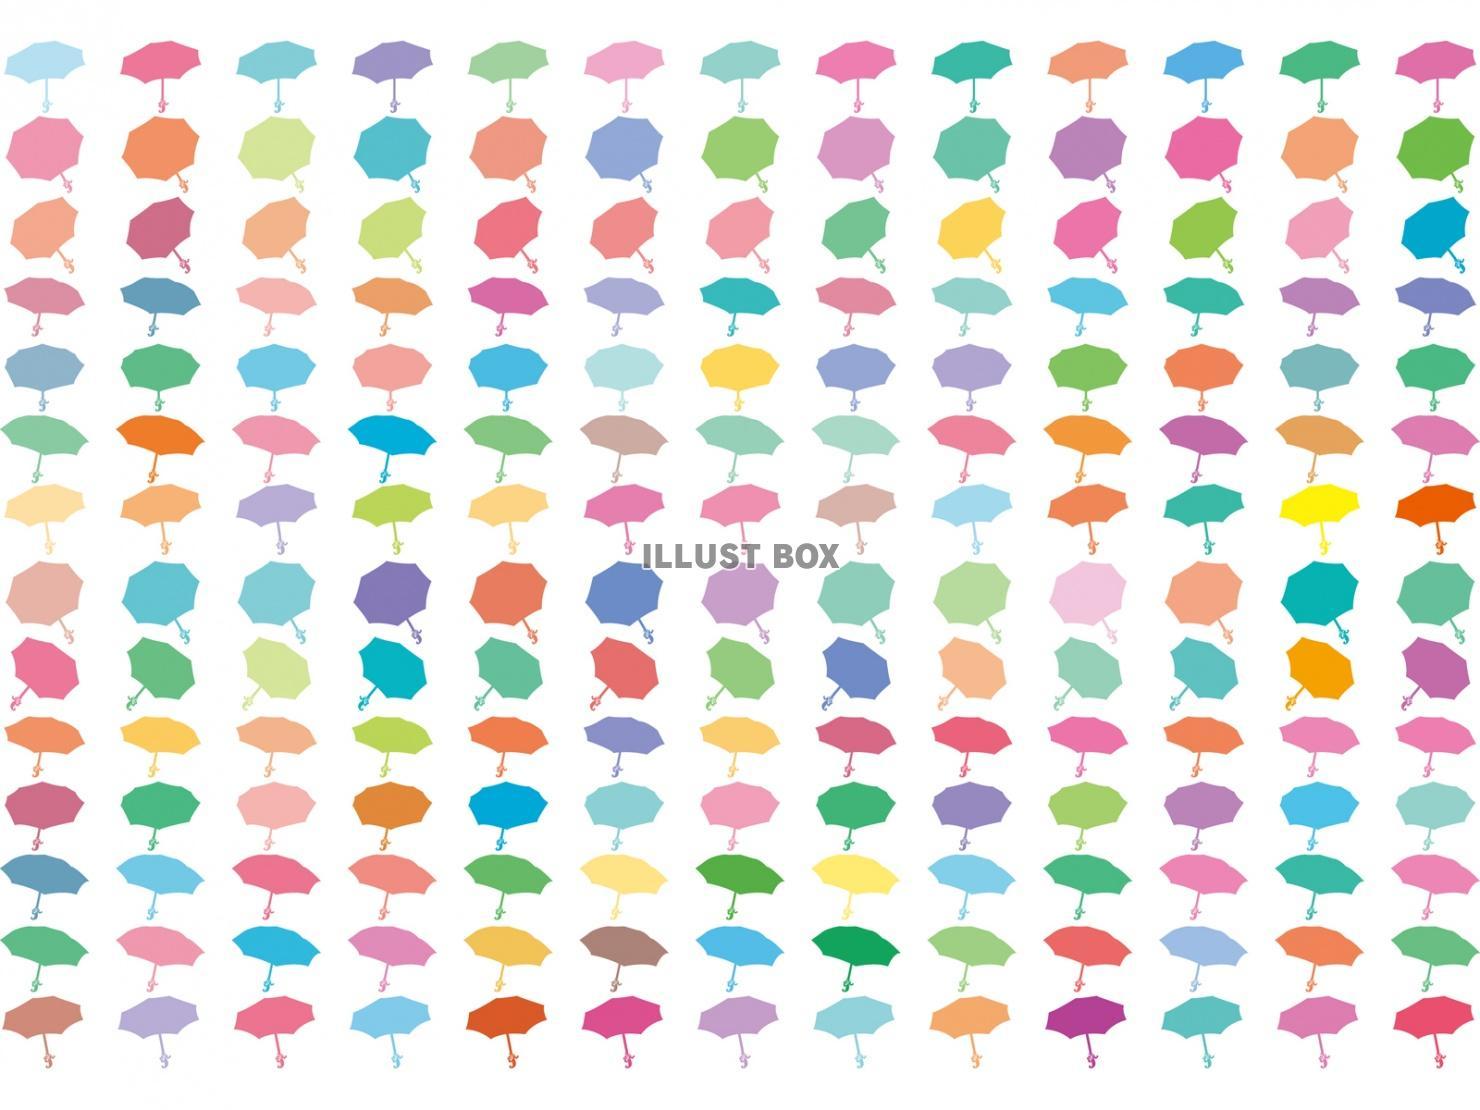 無料イラスト 傘梅雨6月パラソルシルエットシンプル背景壁紙かわいい